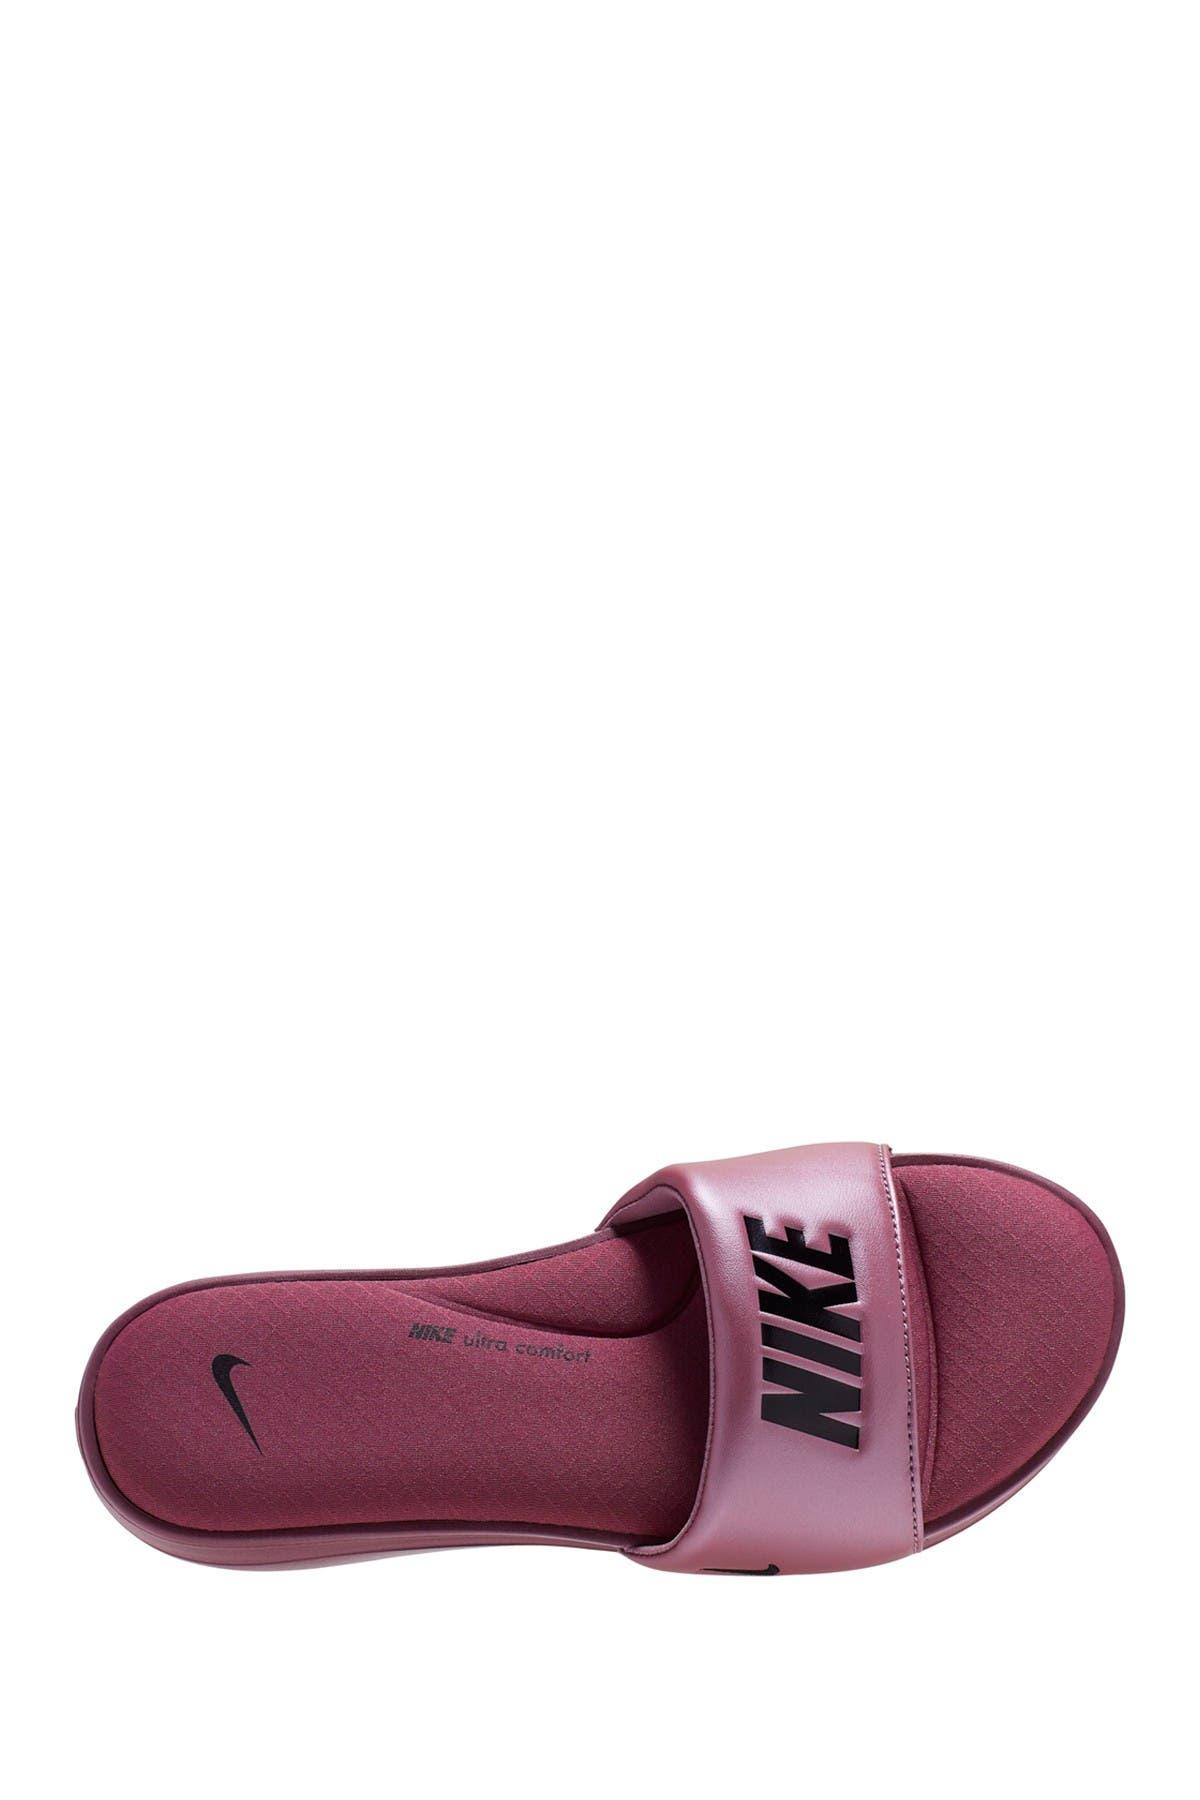 Nike | Ultra Comfort 3 Slide Sandal